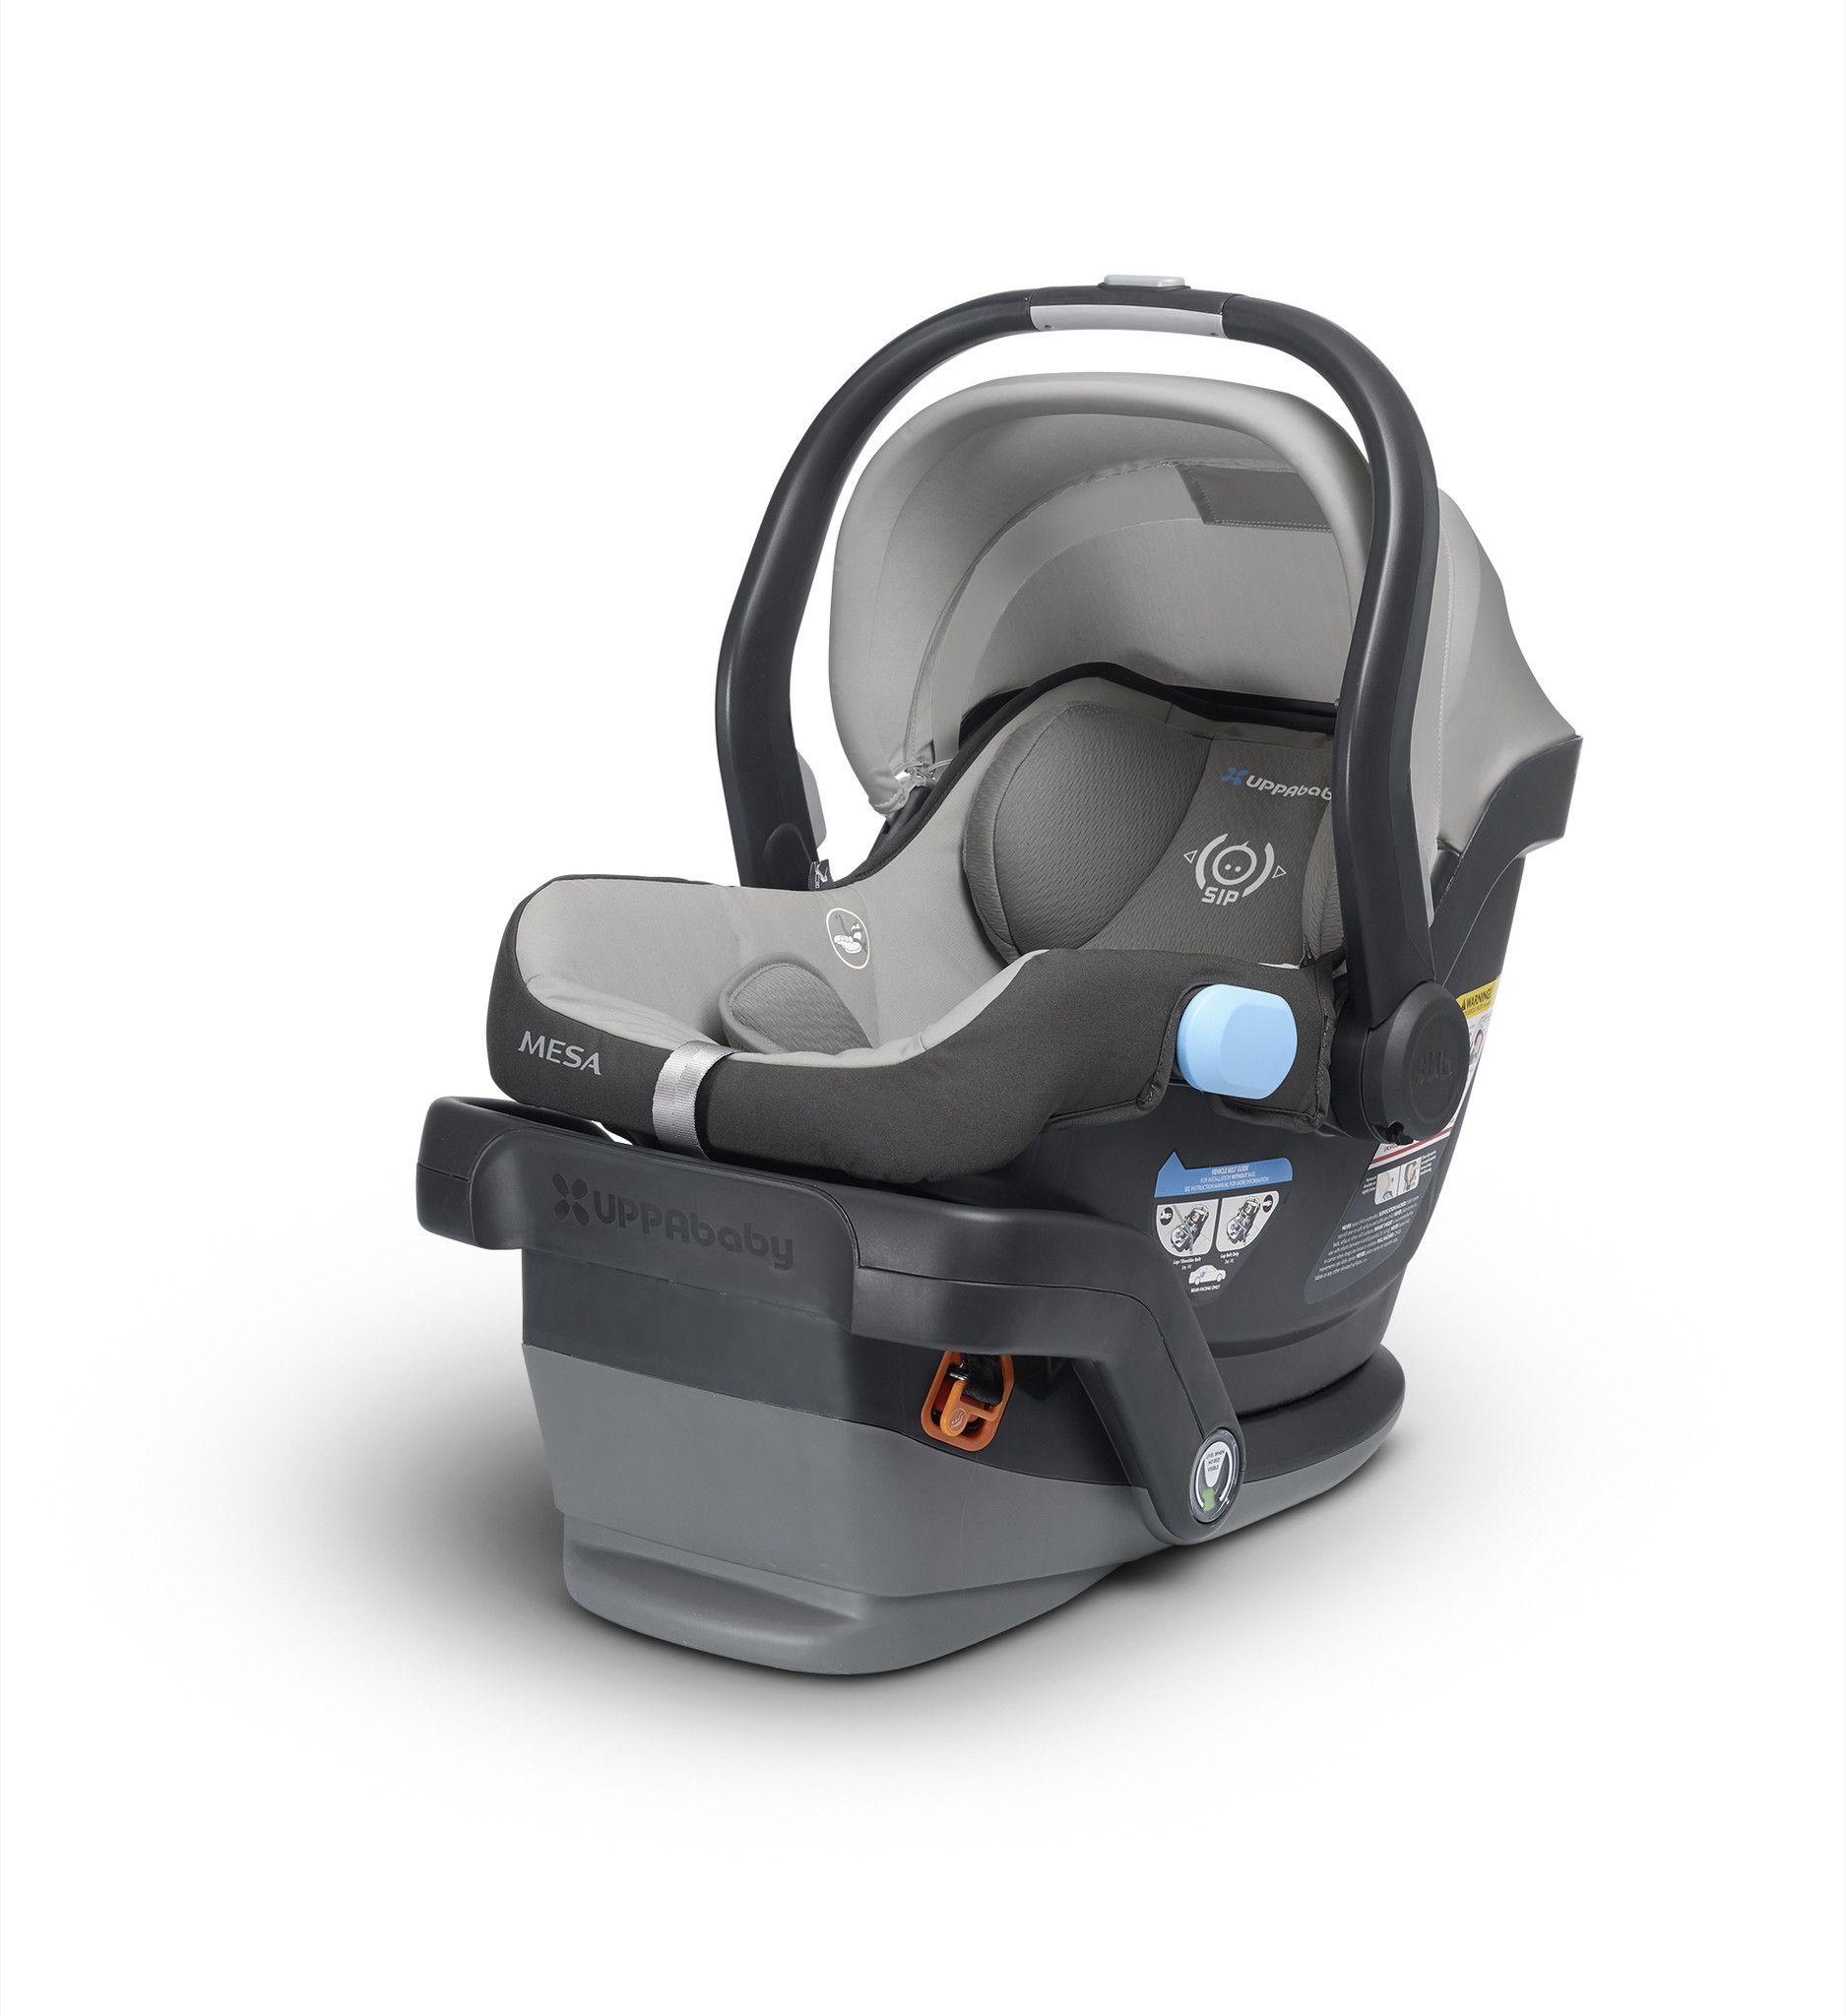 UPPAbaby Mesa Infant Car Seat Baby car seats, Car seats